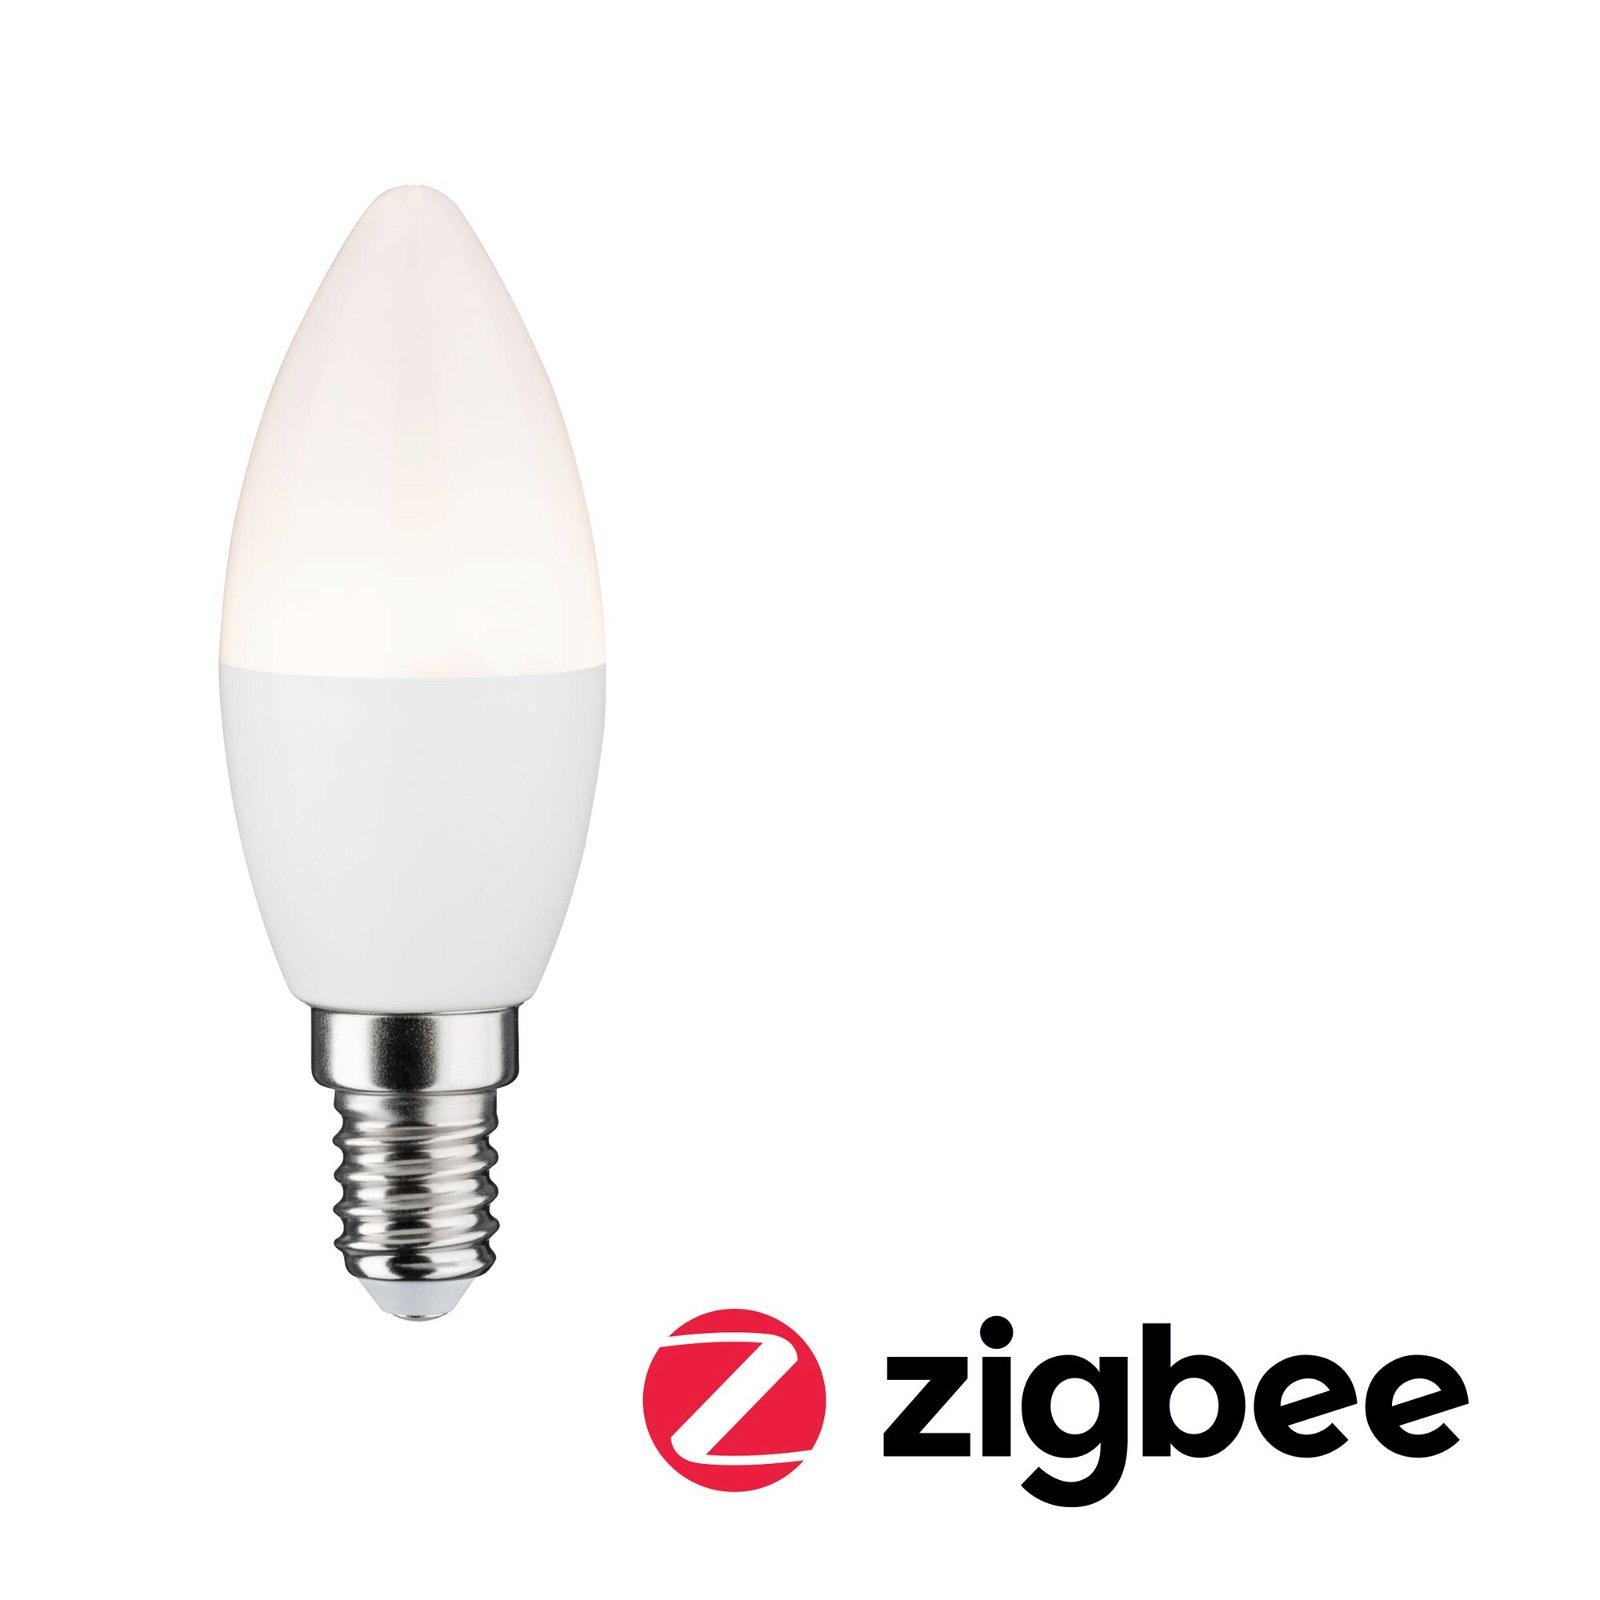 LED Kerze Smart Home Zigbee E14 230V 400lm 5W 2700K Matt